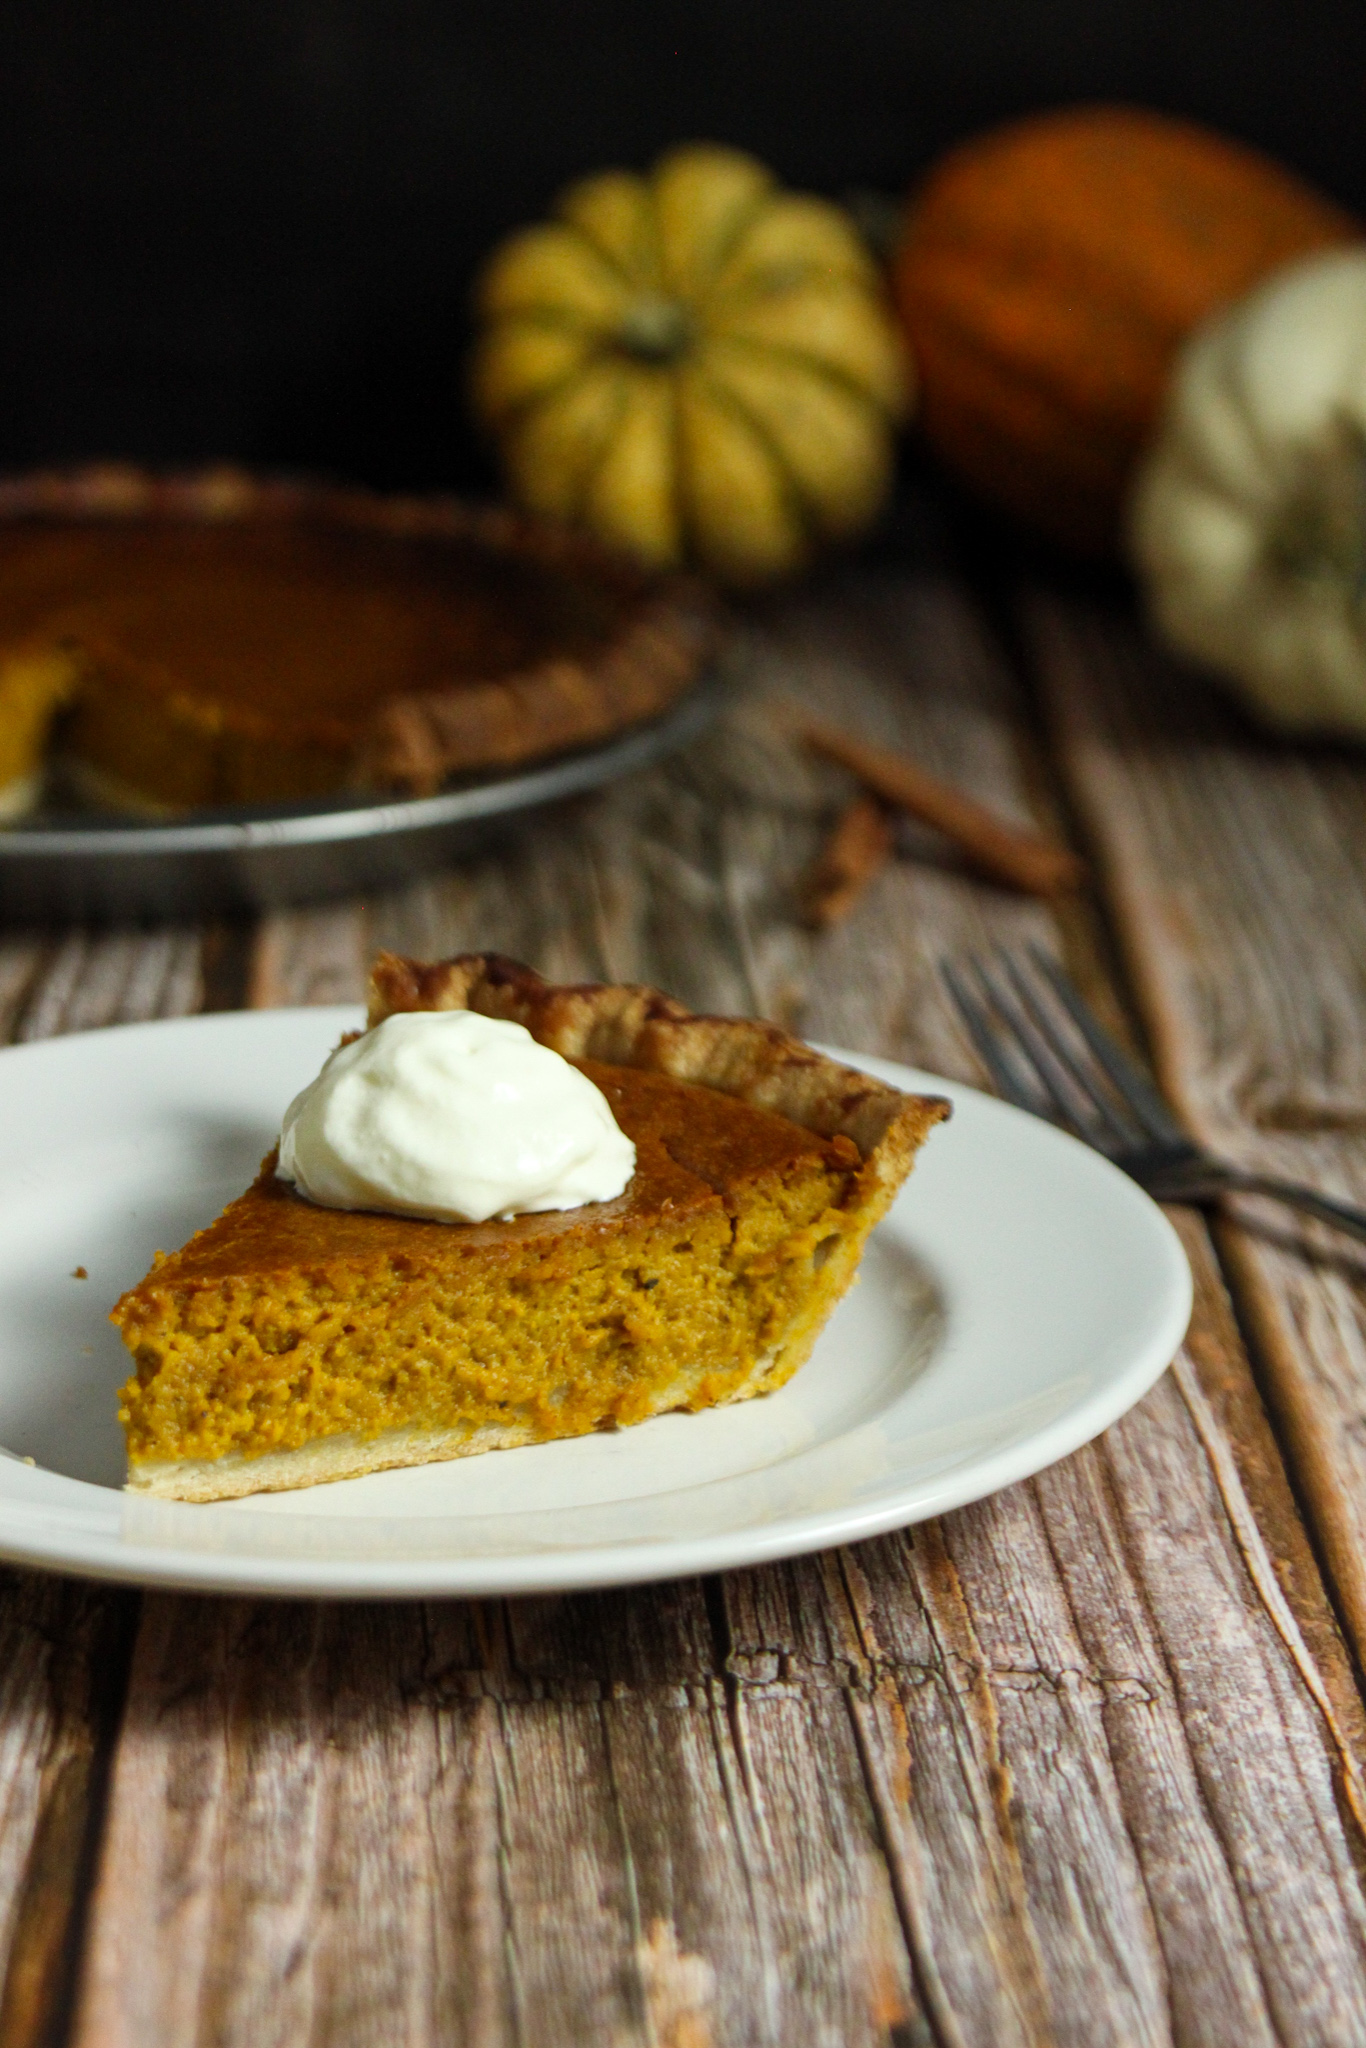 The BEST Homemade Pumpkin Pie